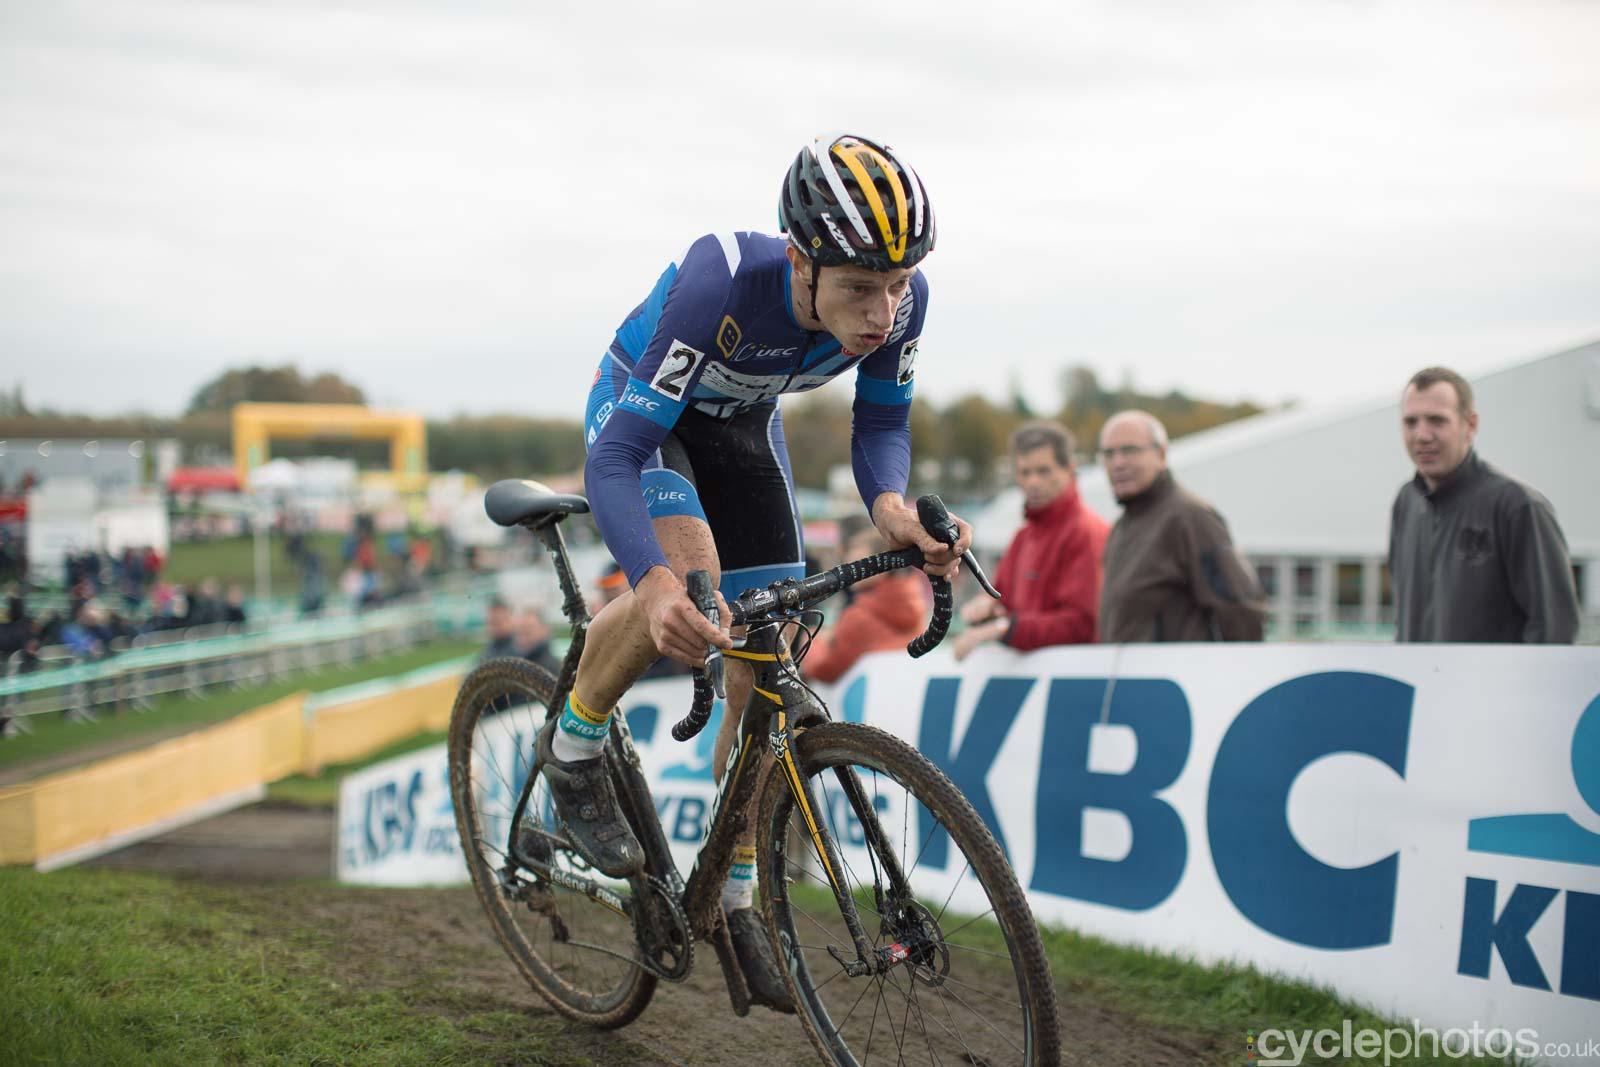 2015-cyclephotos-cyclocross-ruddervoorde-125853-quinten-hermans